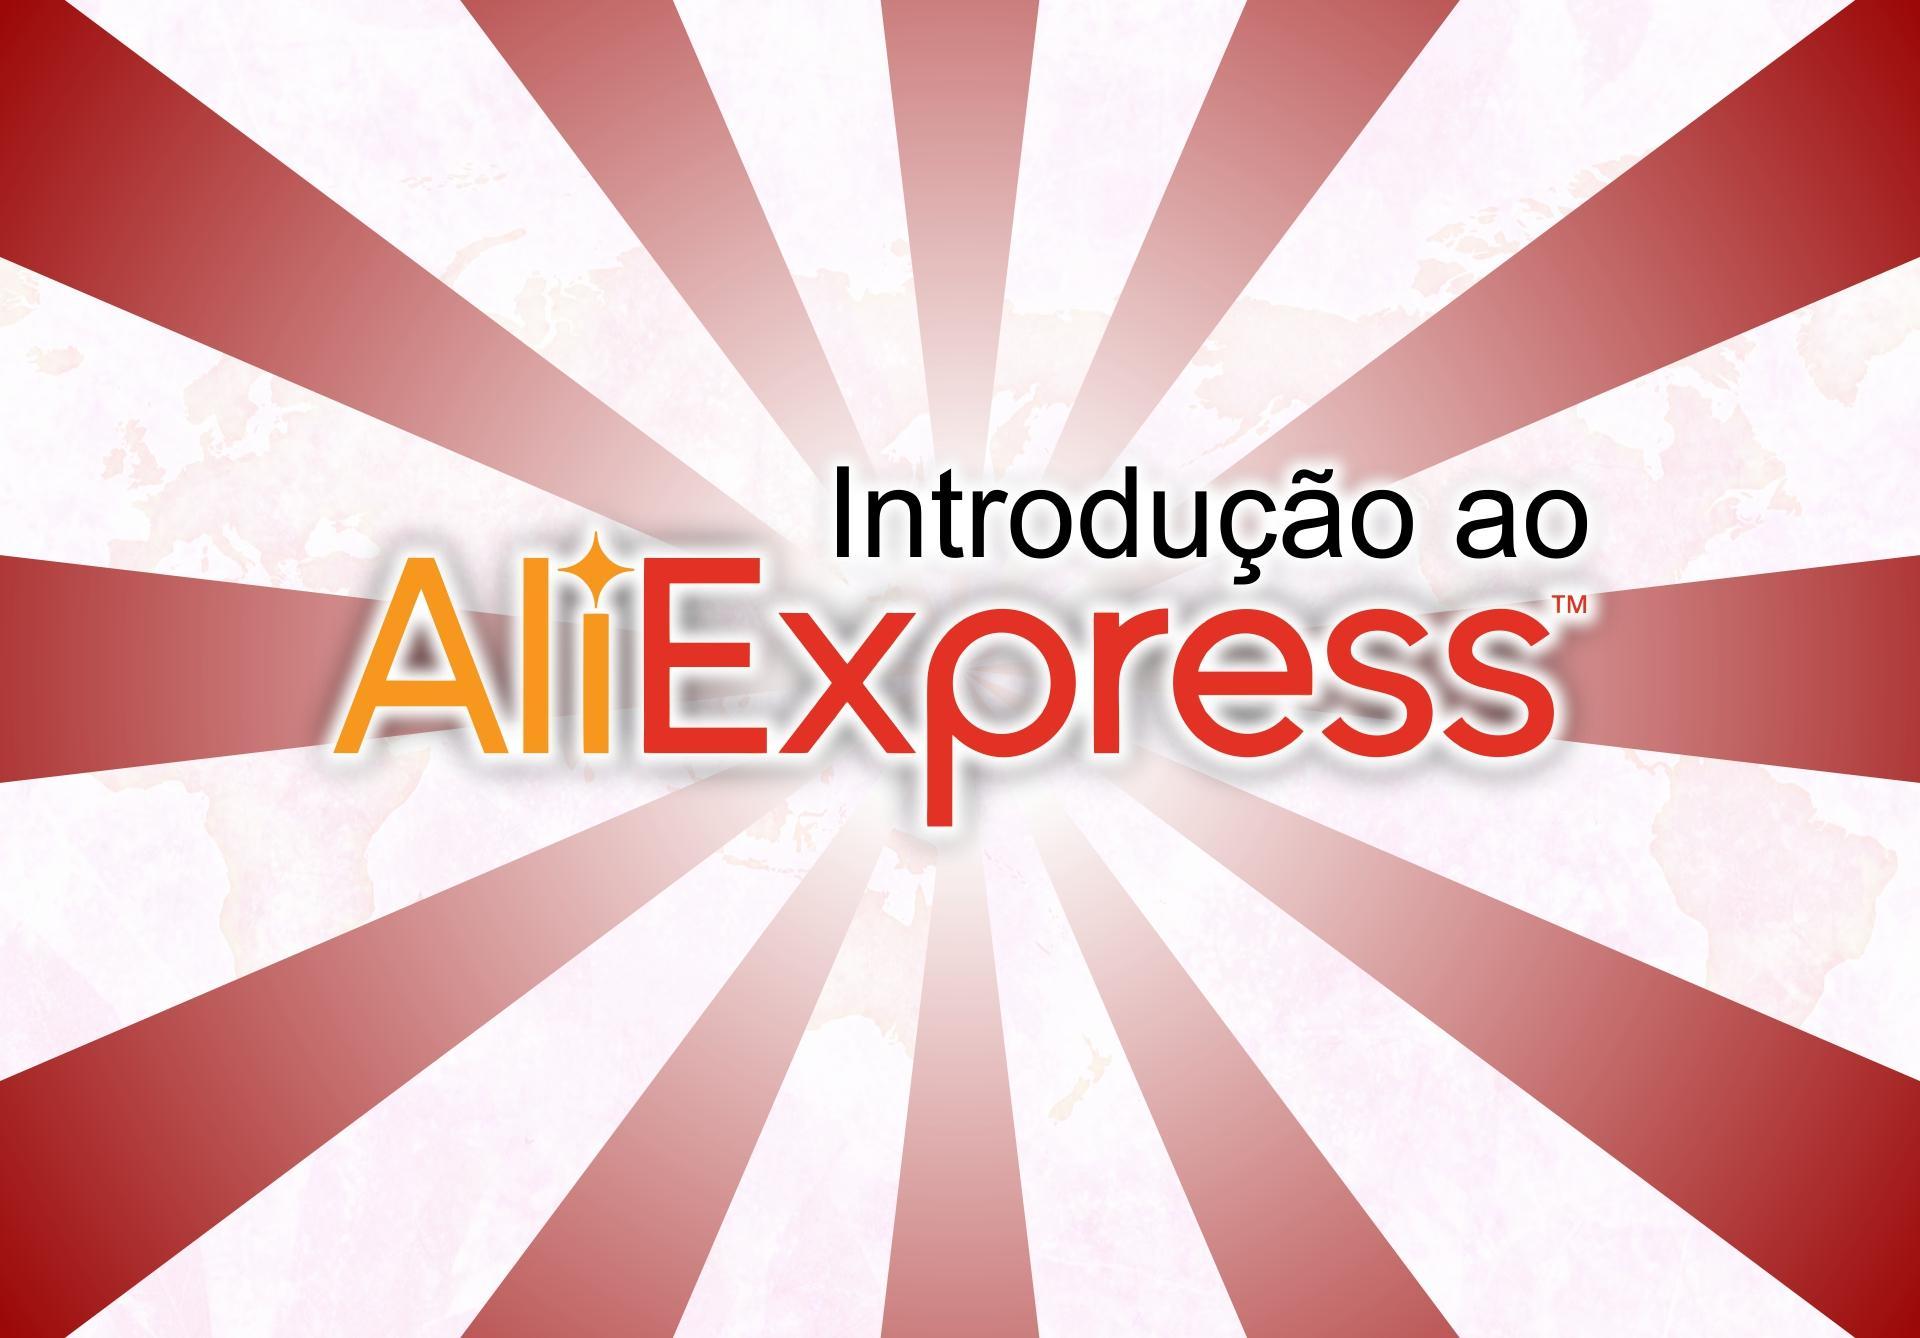 Introdução ao AliExpress